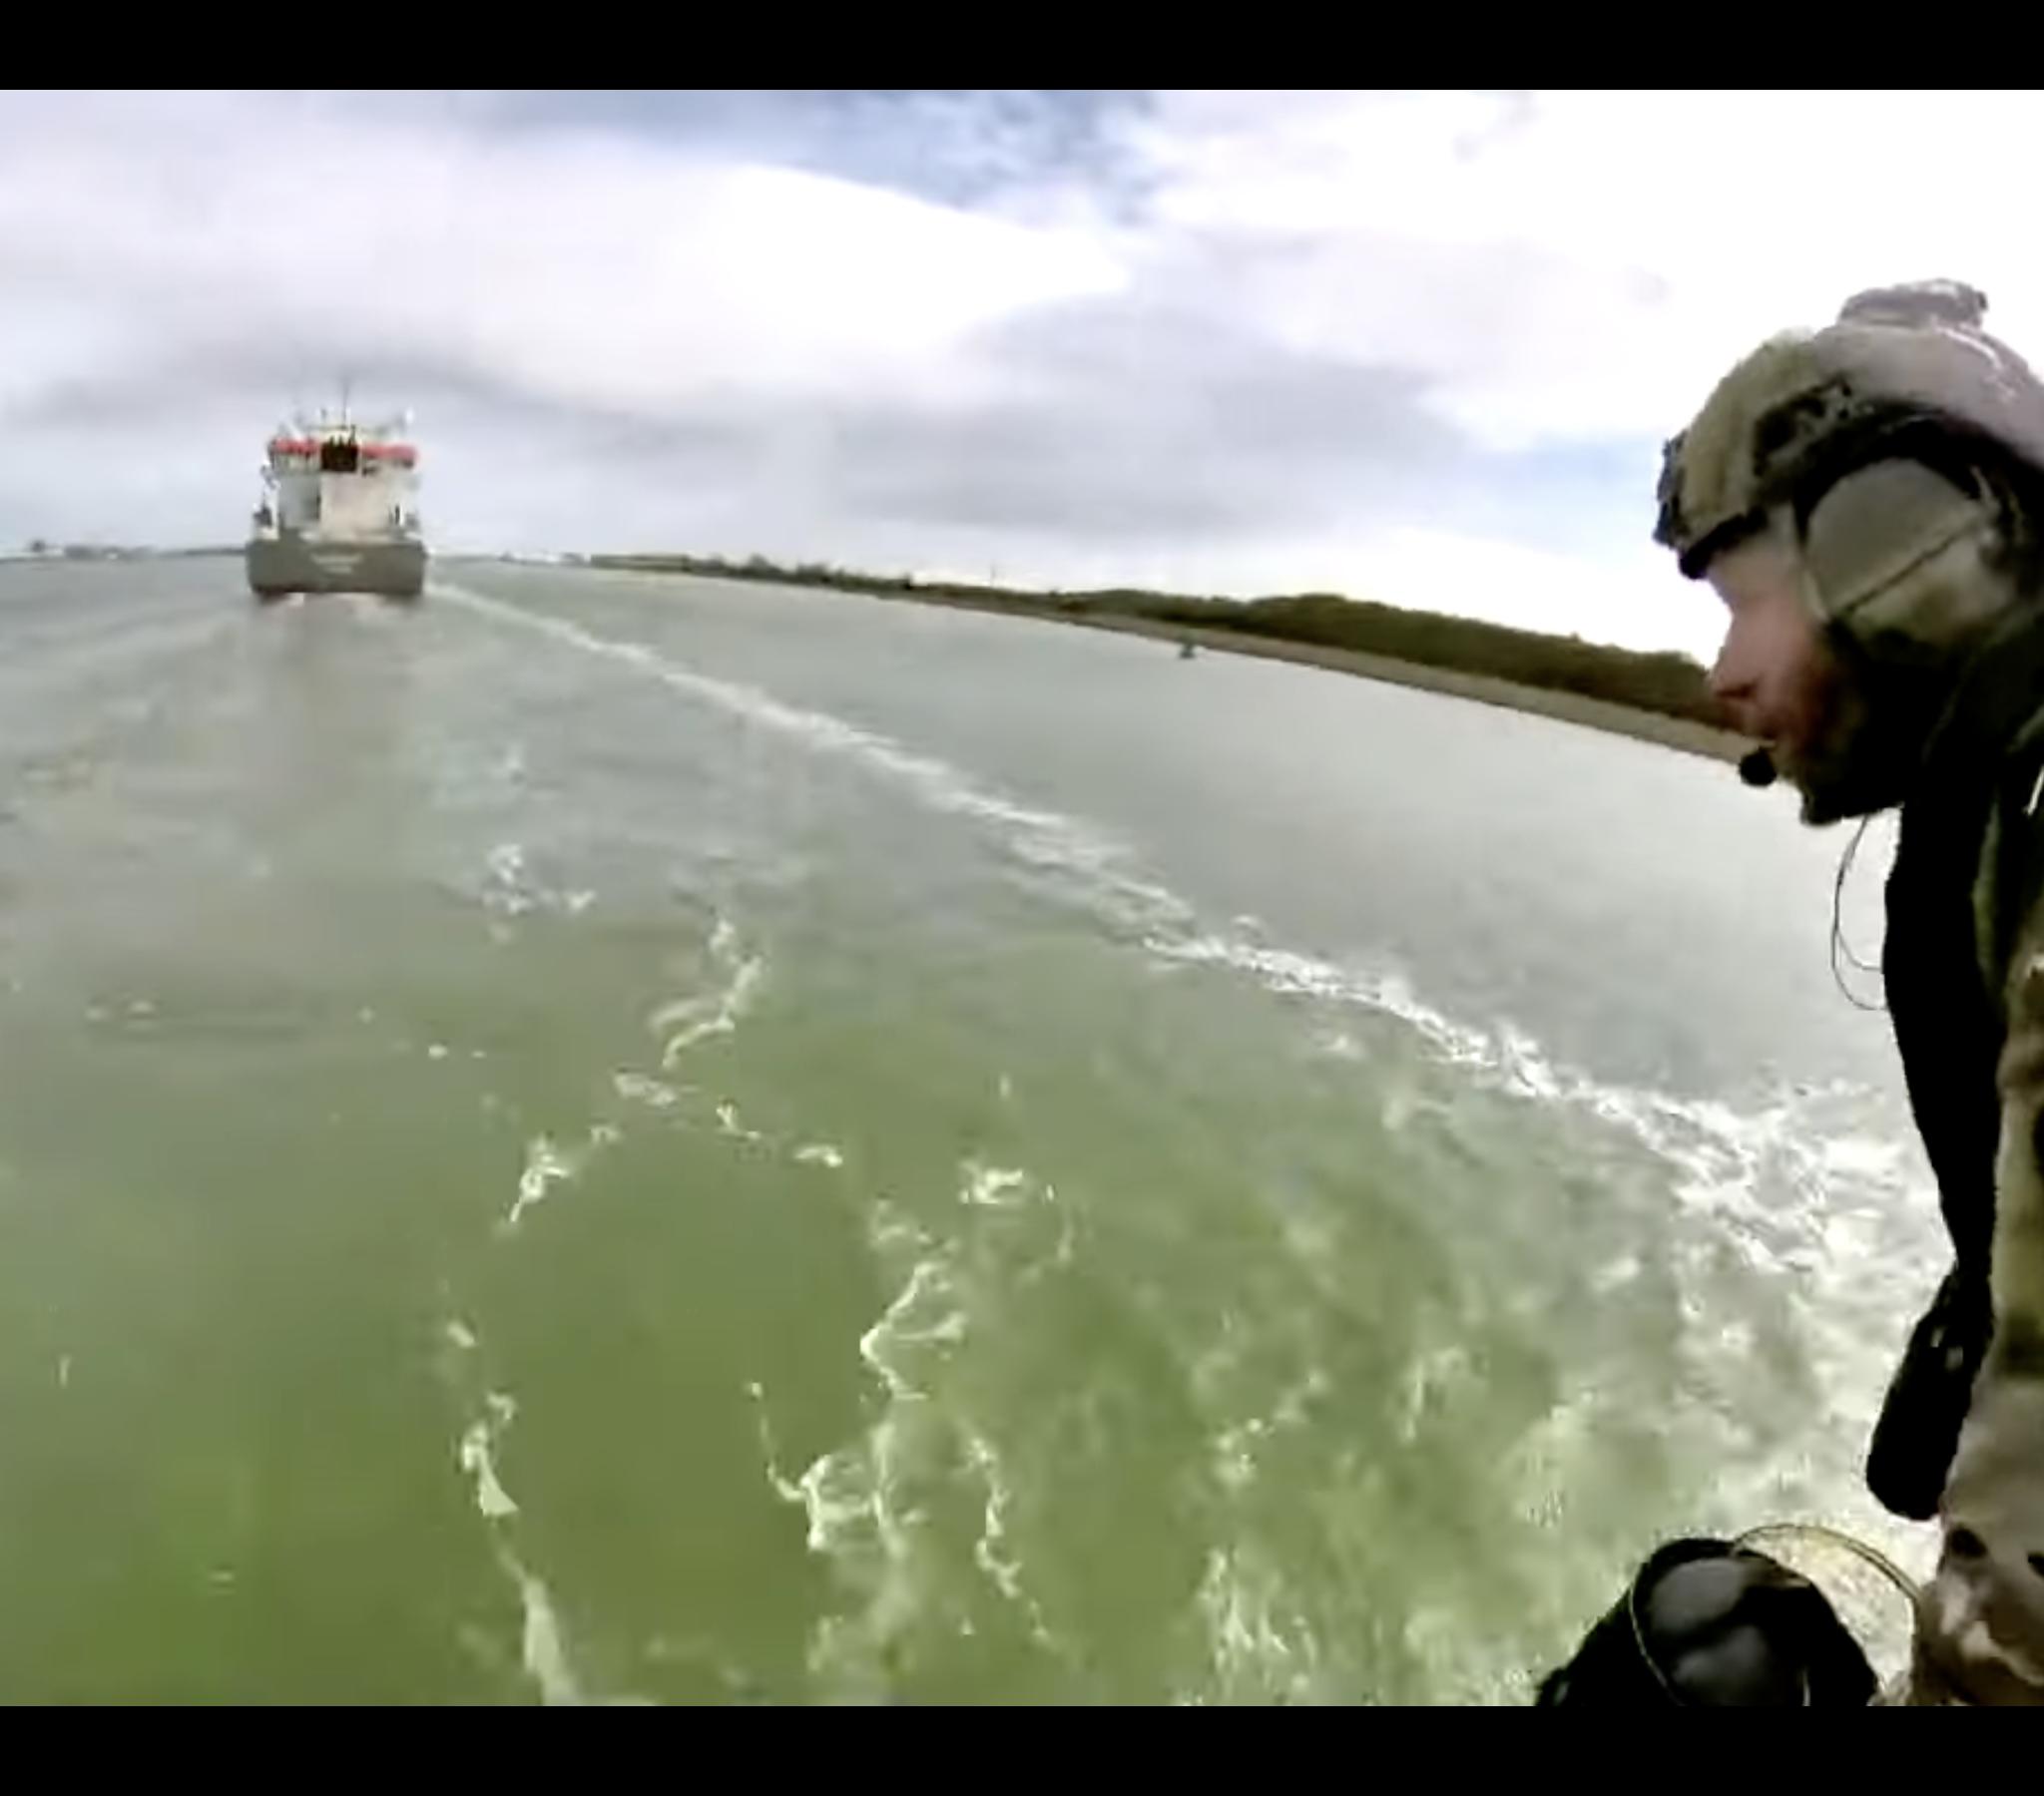 Korps Mariniers testen het revoluitionaire vliegpak in de Rotterdamse haven (Bron Defensie)